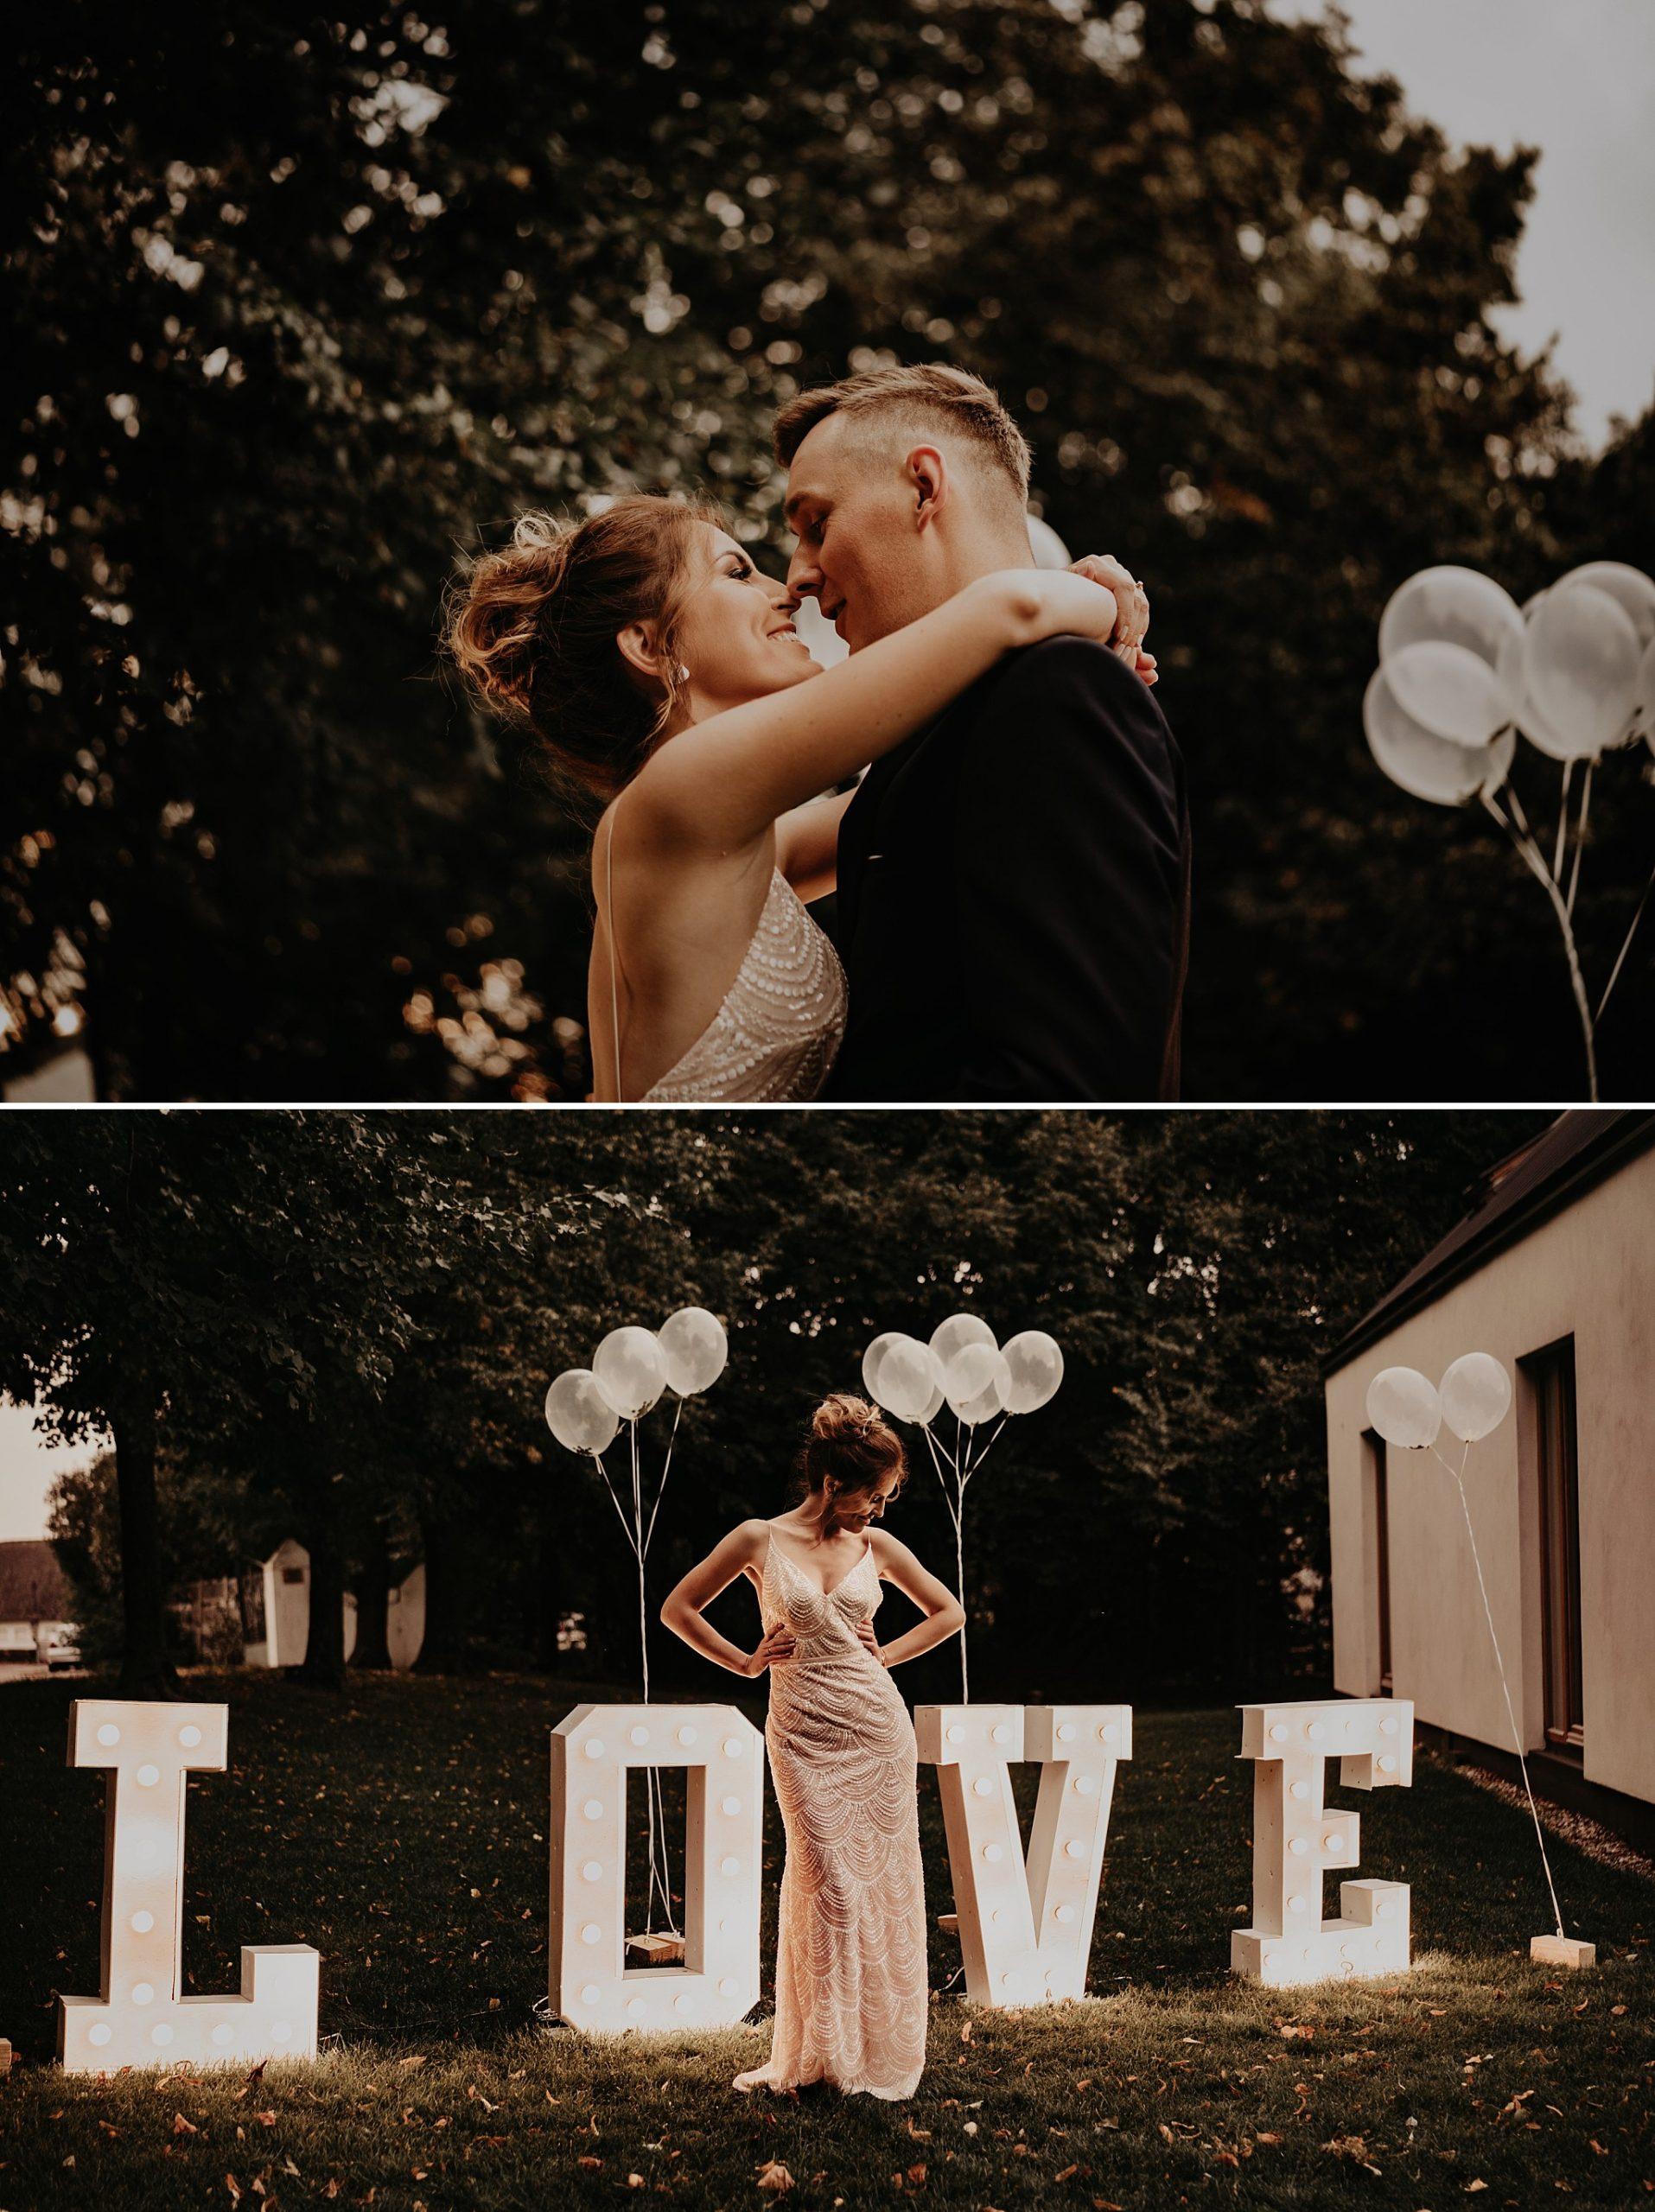 fotograf poznan wesele dobra truskawka piekne wesele pod poznaniem wesele w dobrej truskawce piekna para mloda slub marzen slub koronawirus slub listopad wesele koronawirus 344 scaled